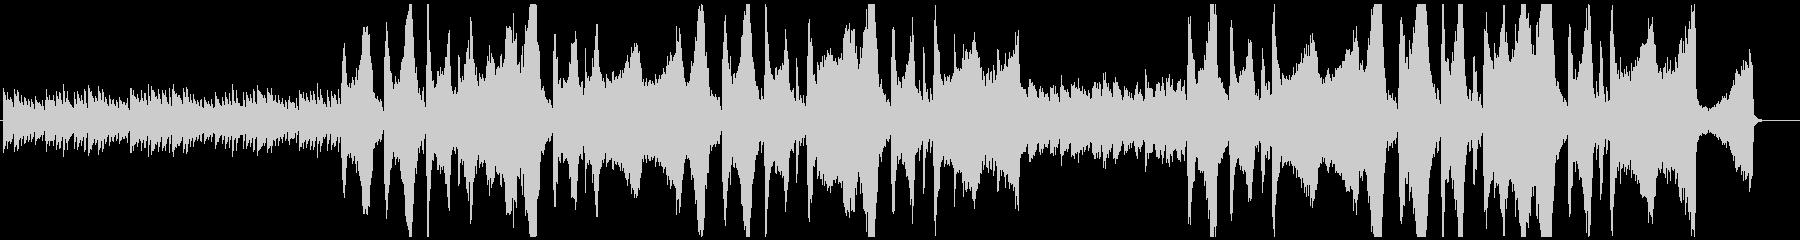 ピアノと弦楽器の悲しみのエチュードの未再生の波形